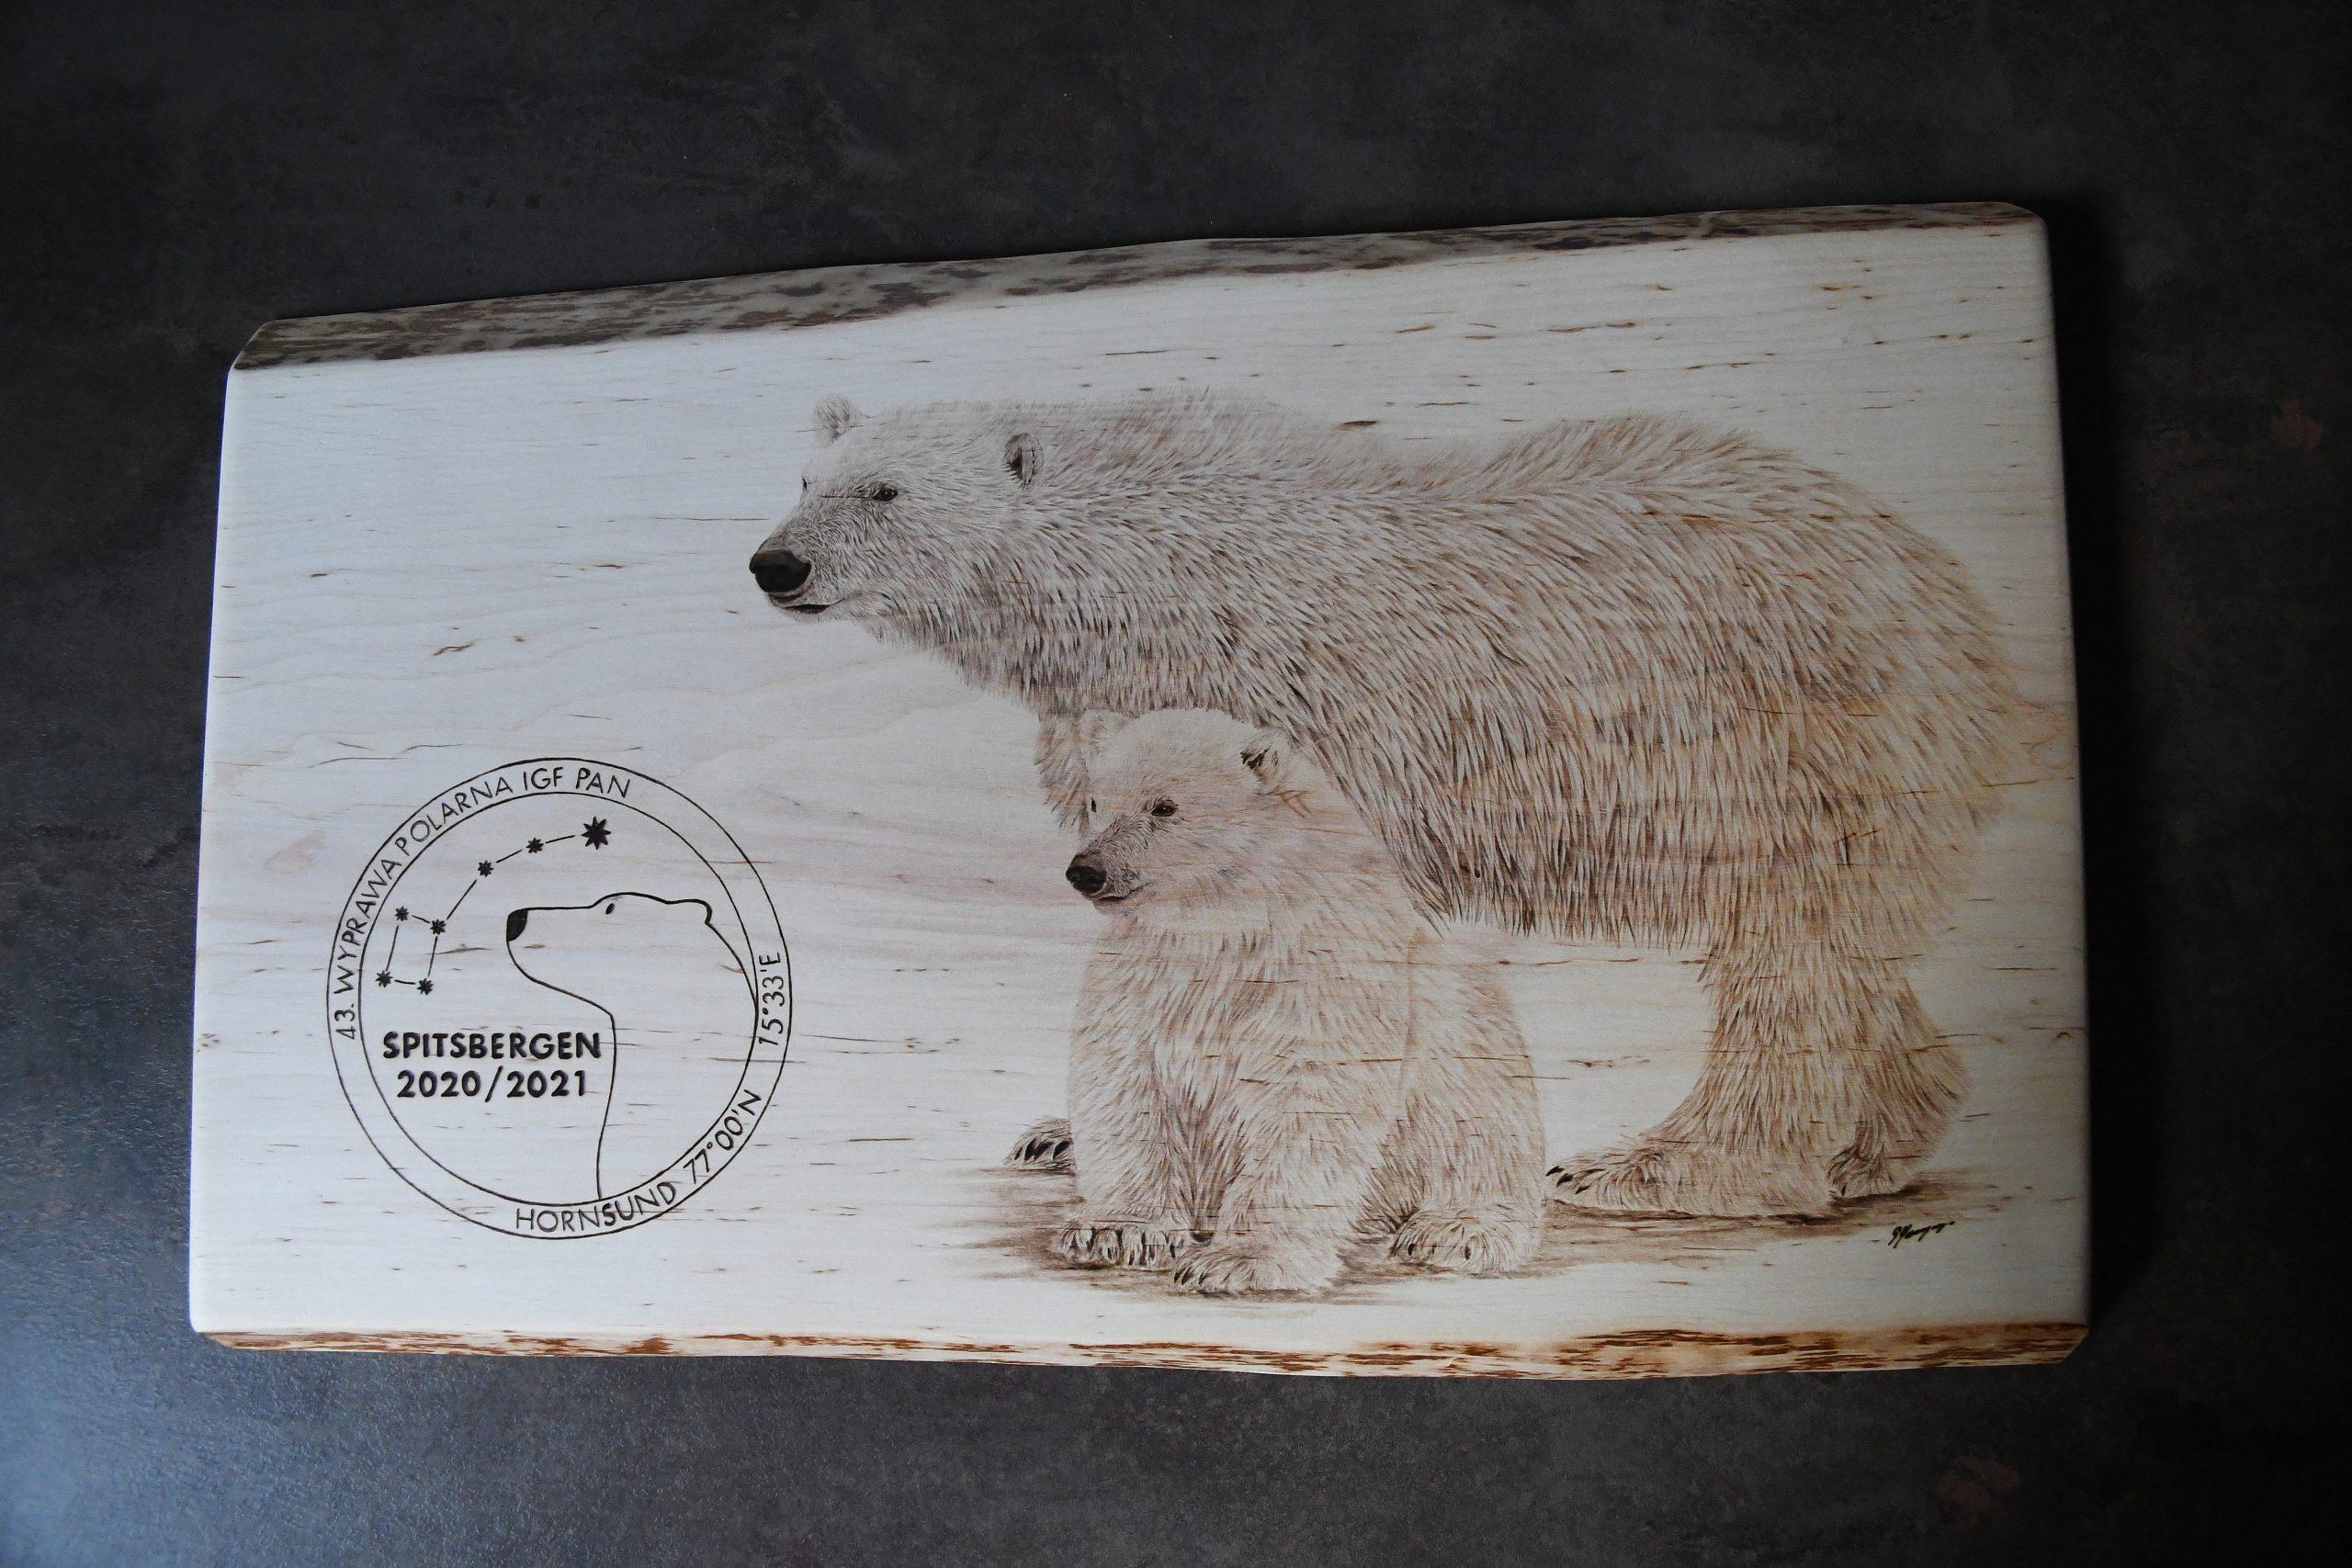 wypalanie w drewnie, sylwia, pirografia, janczyszyn, pyrography, handmade, rękodzieło, pomysł na prezent, niedźwiedź polarny, na zamówienie